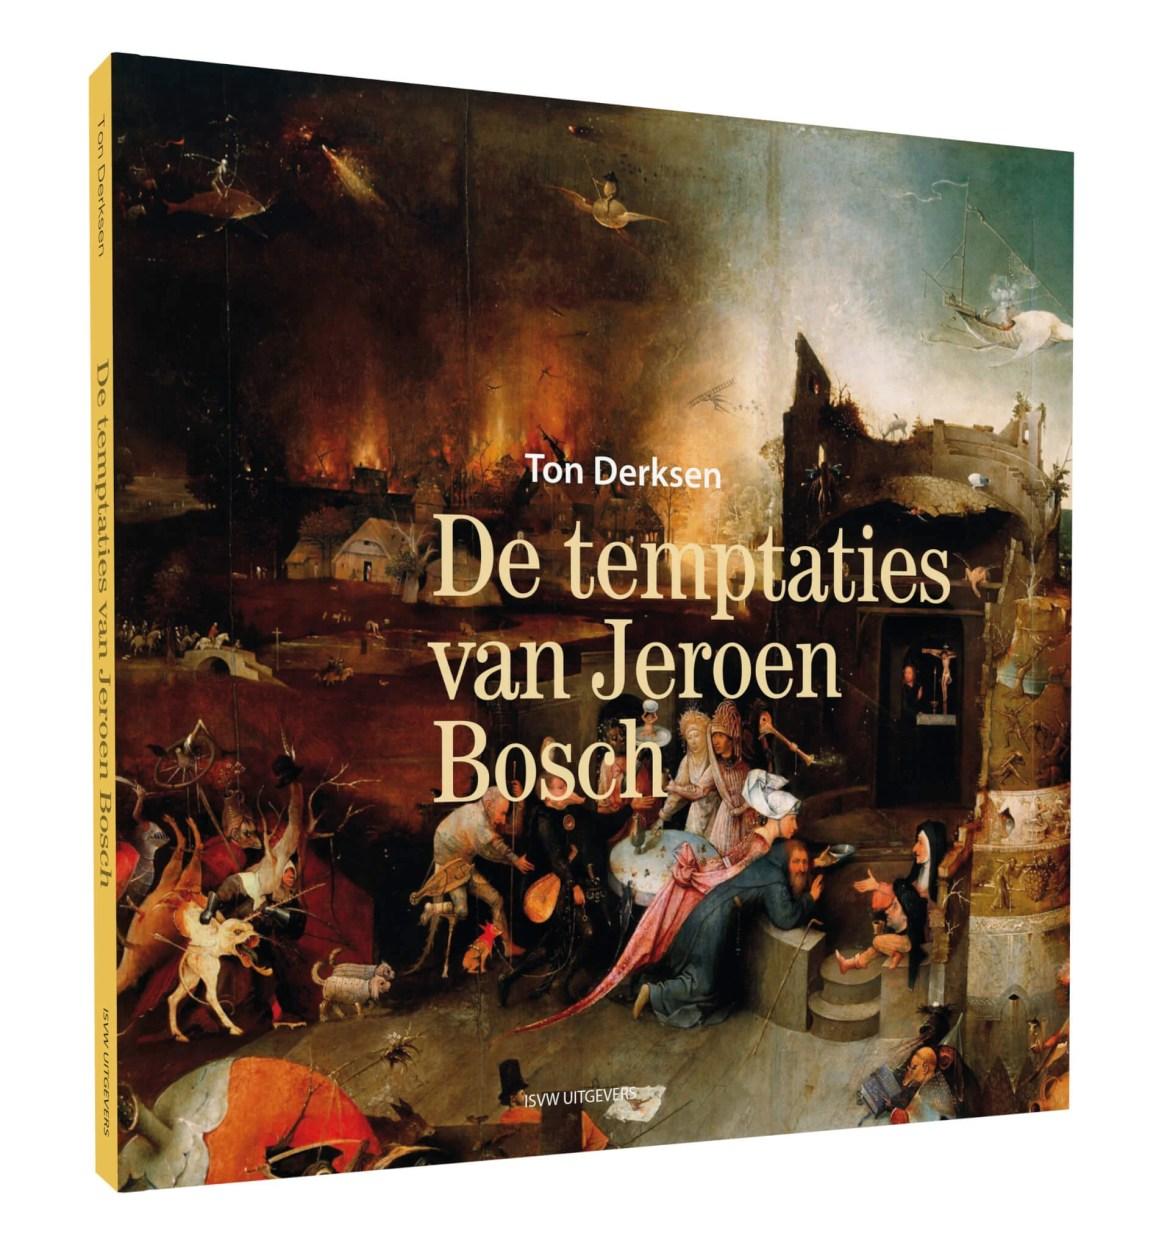 De temptaties van Jeroen Bosch - Ton Derksen